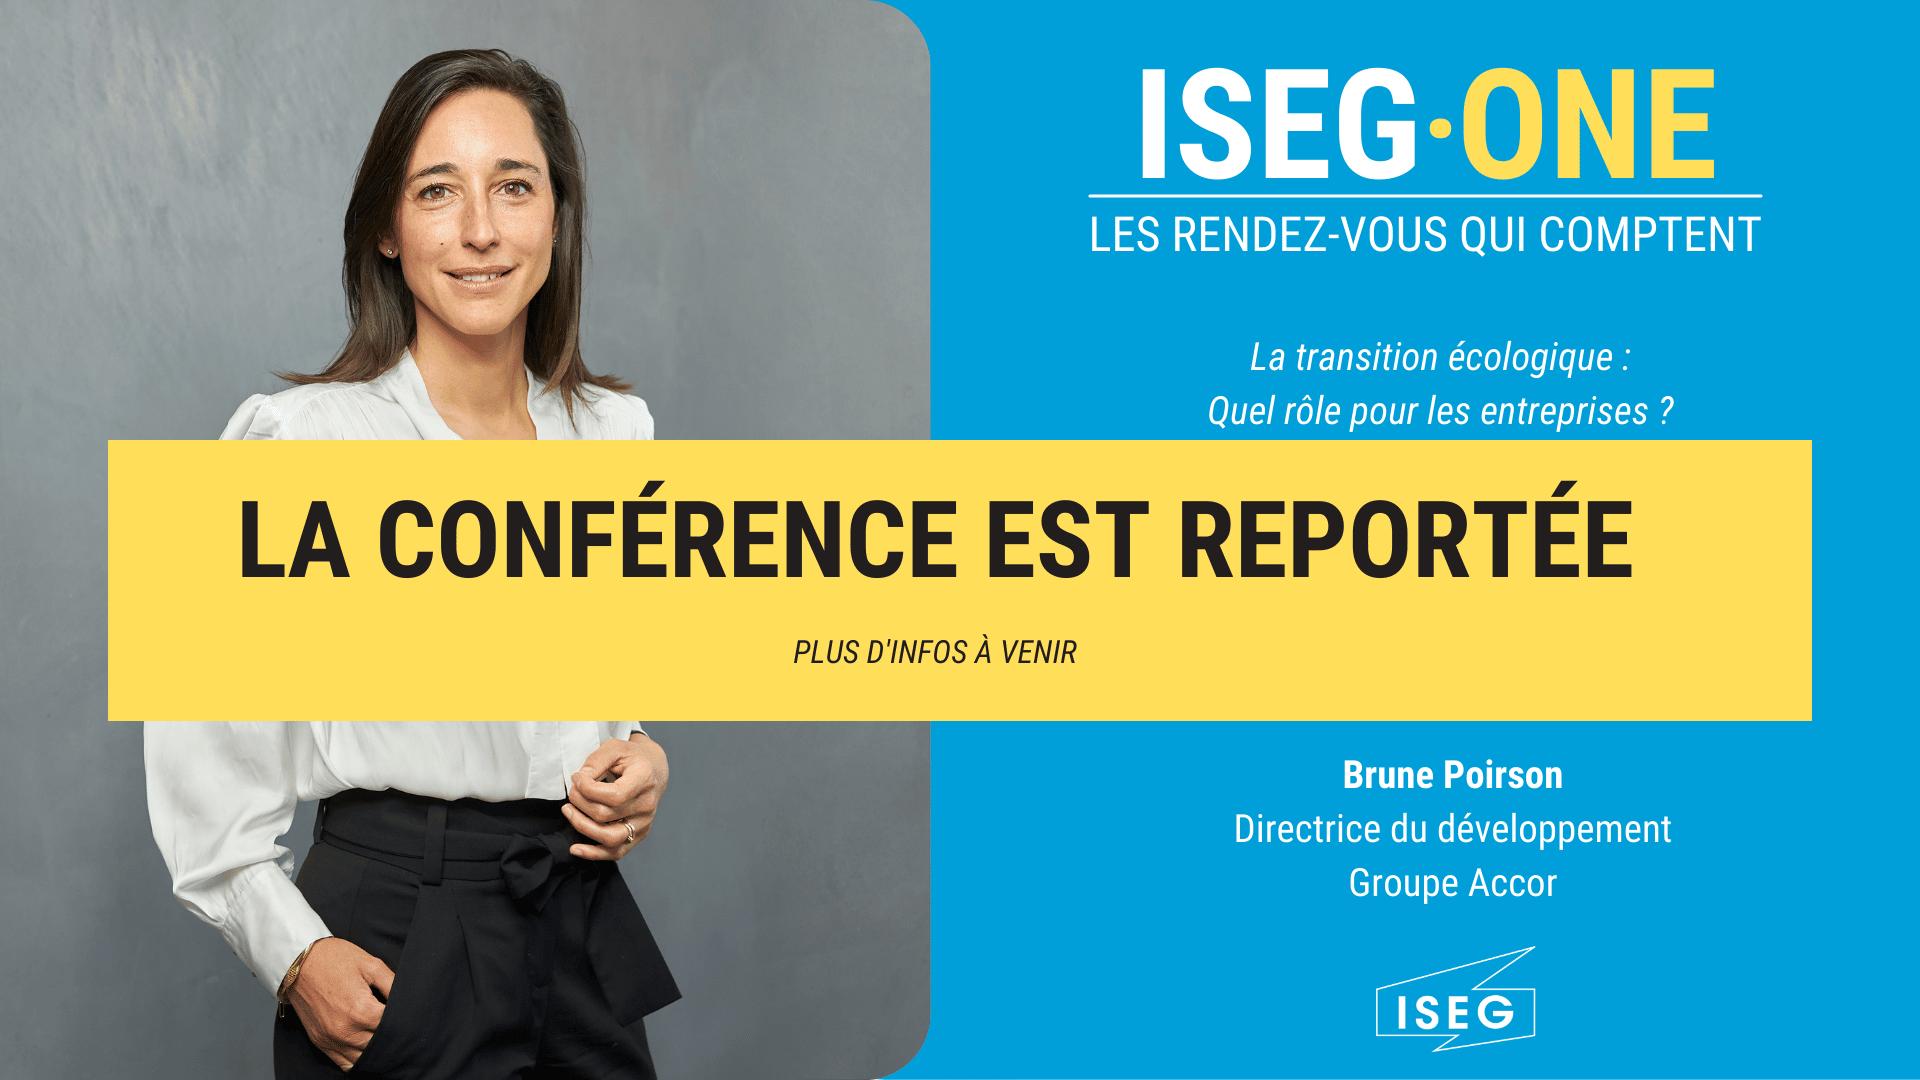 Brune Poirson, invitée de l'ISEG ONE à Paris